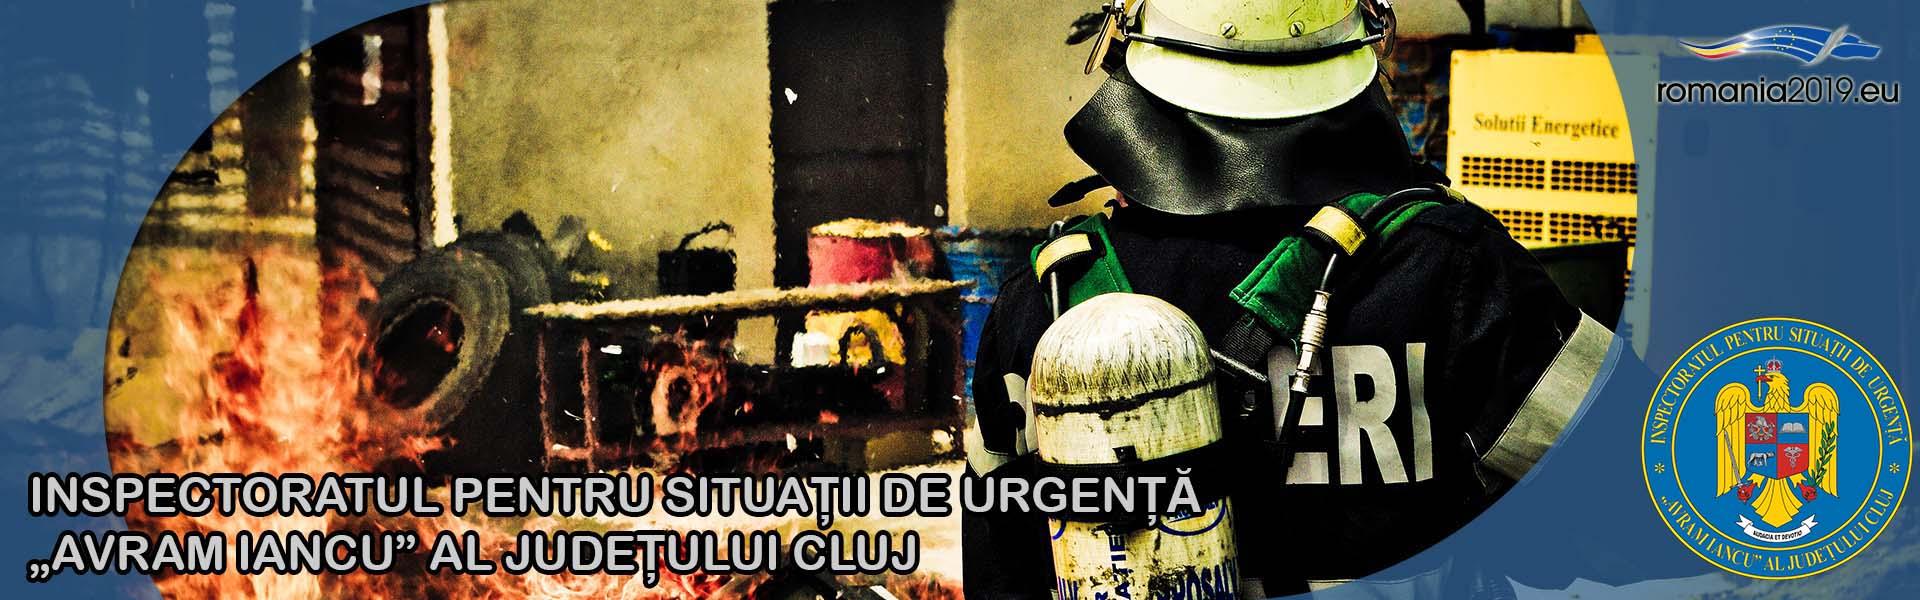 Inspectoratul pentru Situatii de Urgenta Cluj